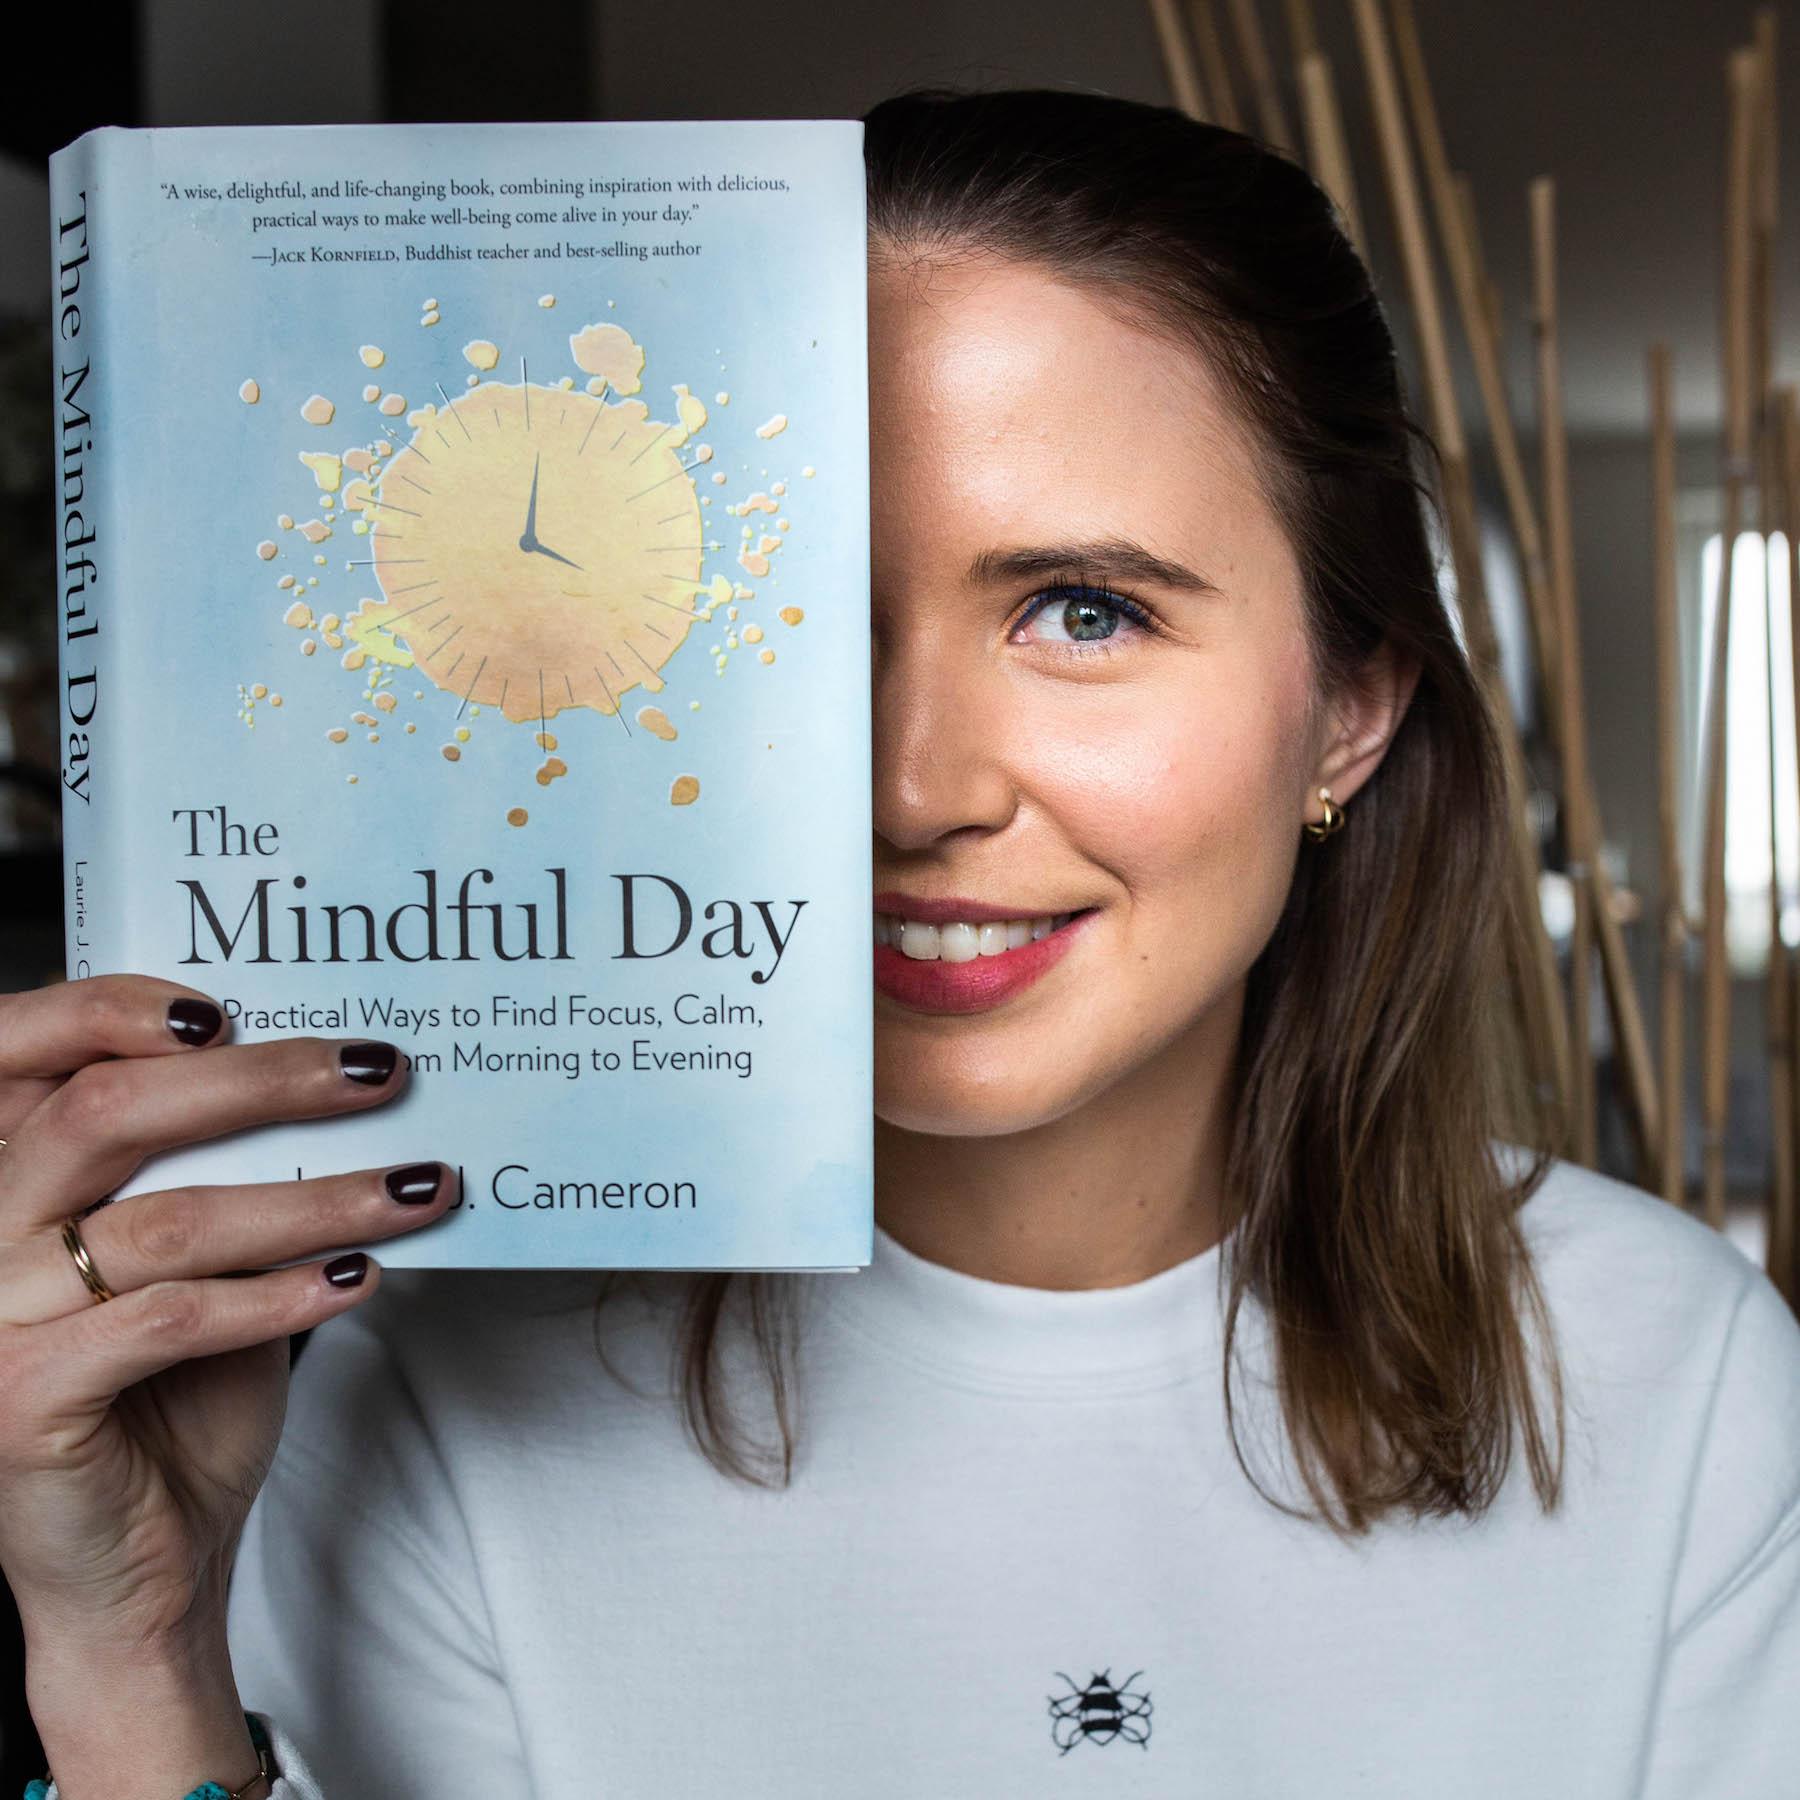 achtsamkeitsbuch buch über Achtsamkeit suelovesnyc_achtsamkeitsbuch_buch_uber_achtsamkeit_the_mindful_day